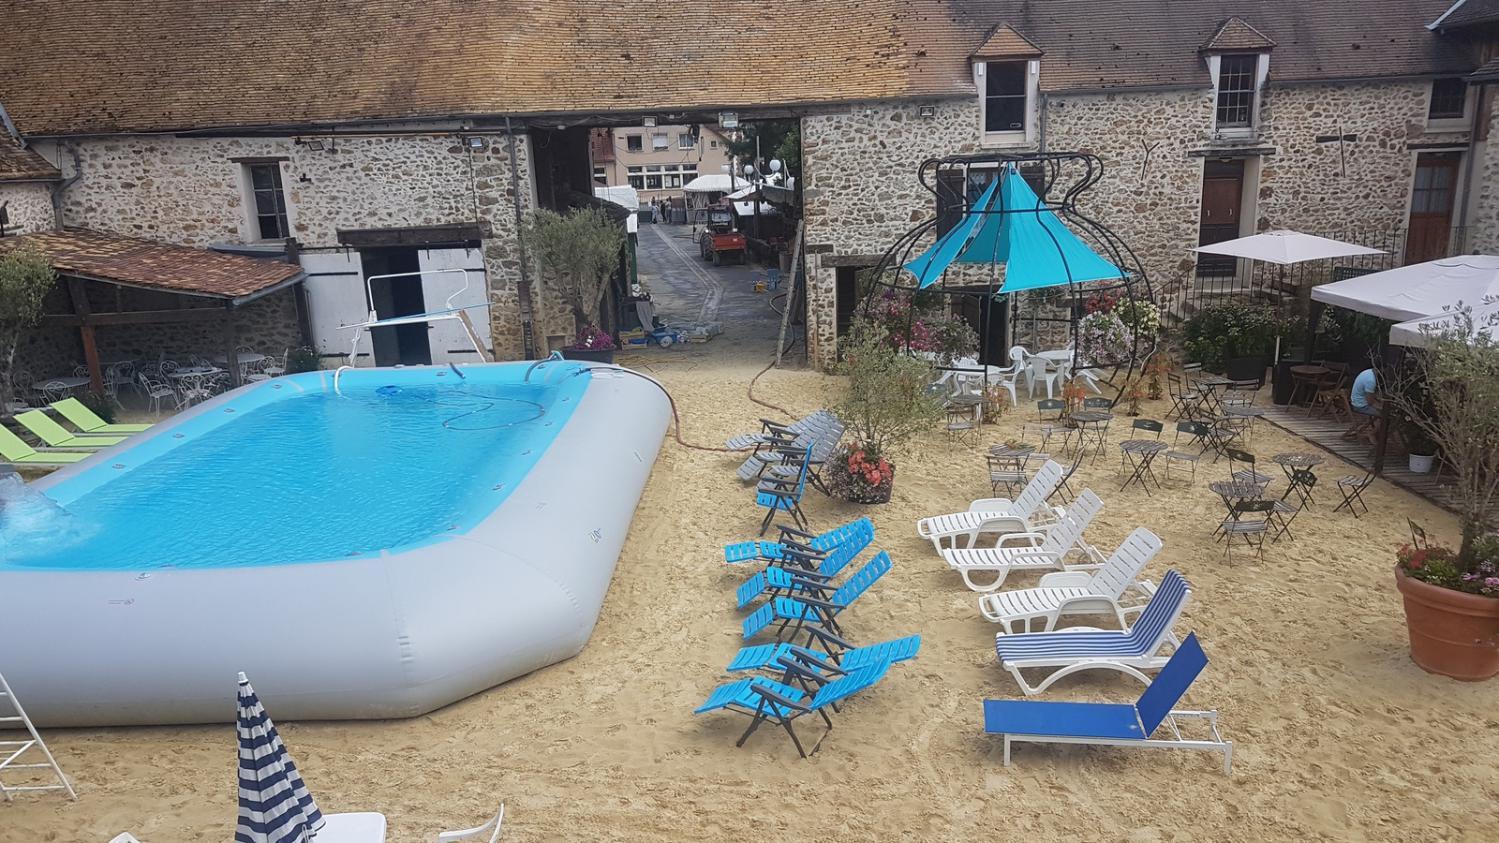 Essonne le maire de janvry d nonce un p tage de plomb for Animaux gonflable piscine